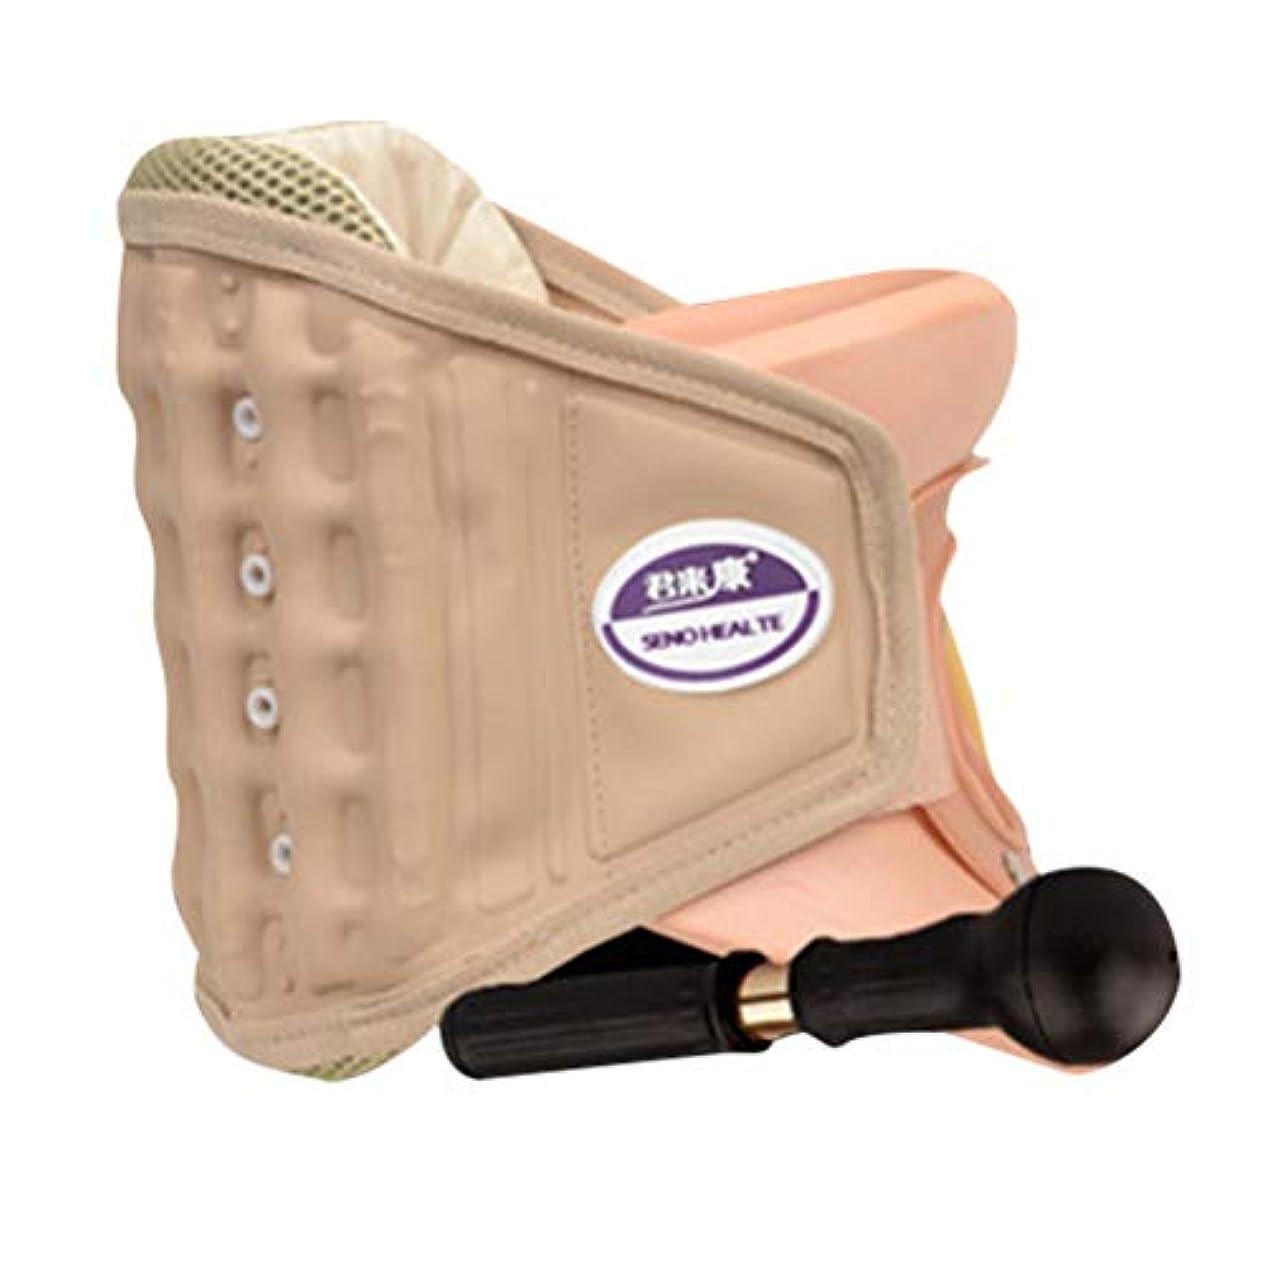 歴史的内陸振り向くSUPVOX 頸部首牽引襟デバイス装具椎骨サポートベルト付きポンプポータブルネックマッサージャー